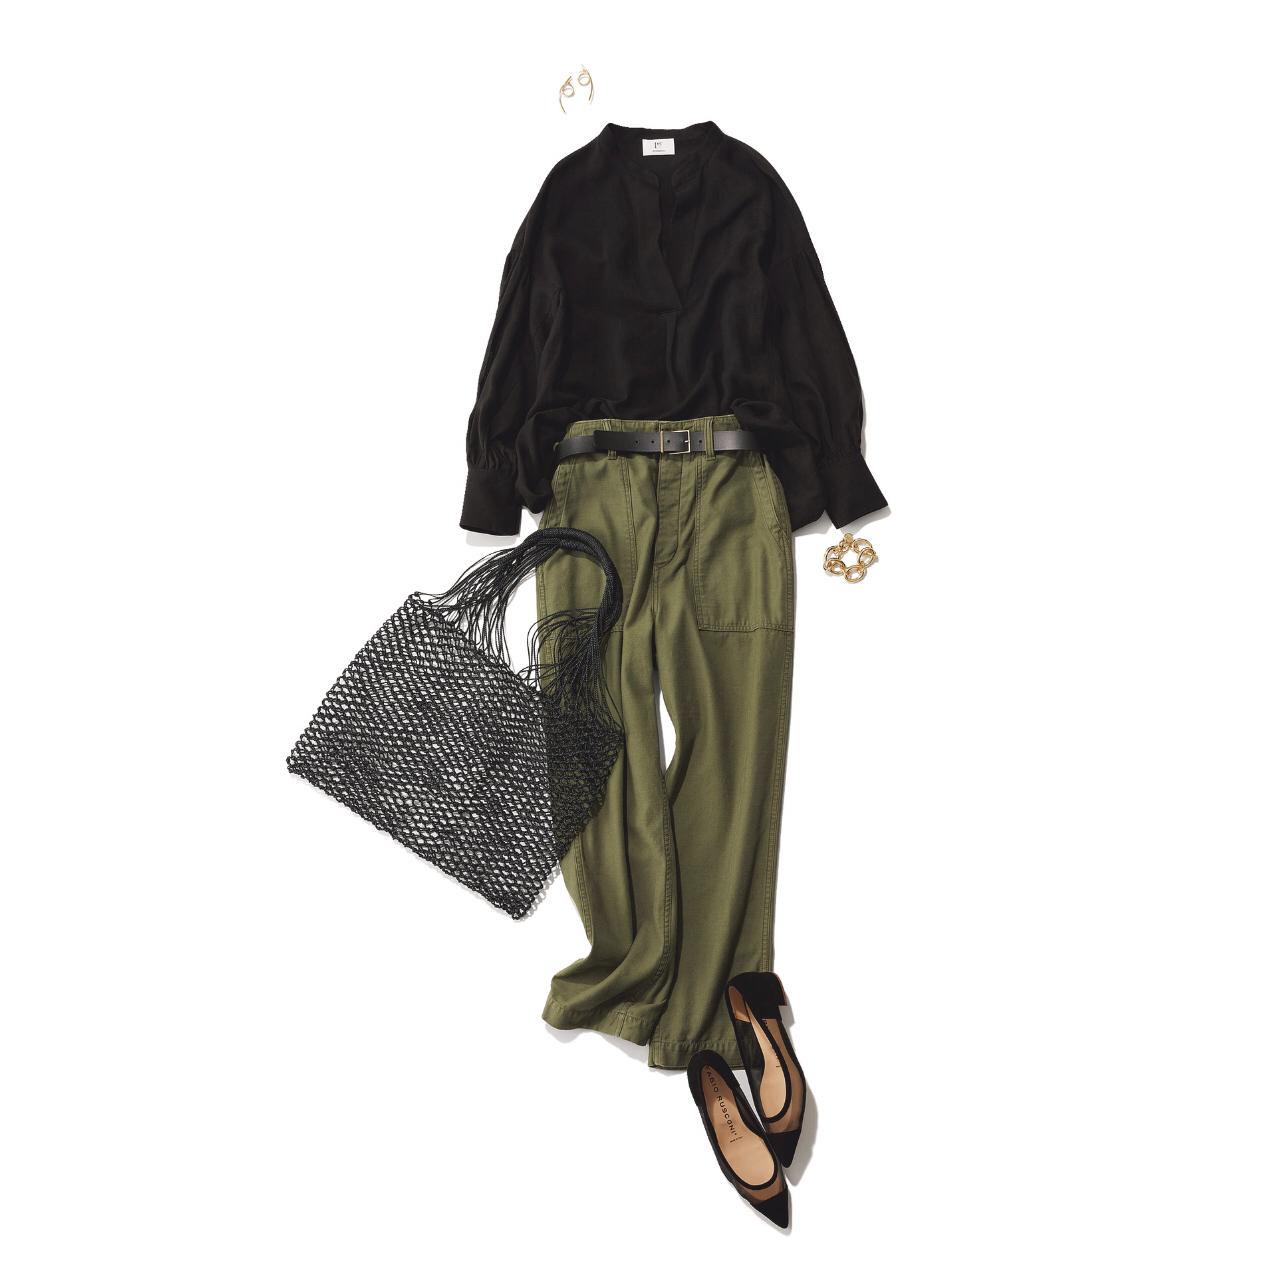 【真夏こそ映える黒コーデ】重たく見えず、シックに決まるアラフォーの黒コーデまとめ|40代ファッション_1_10